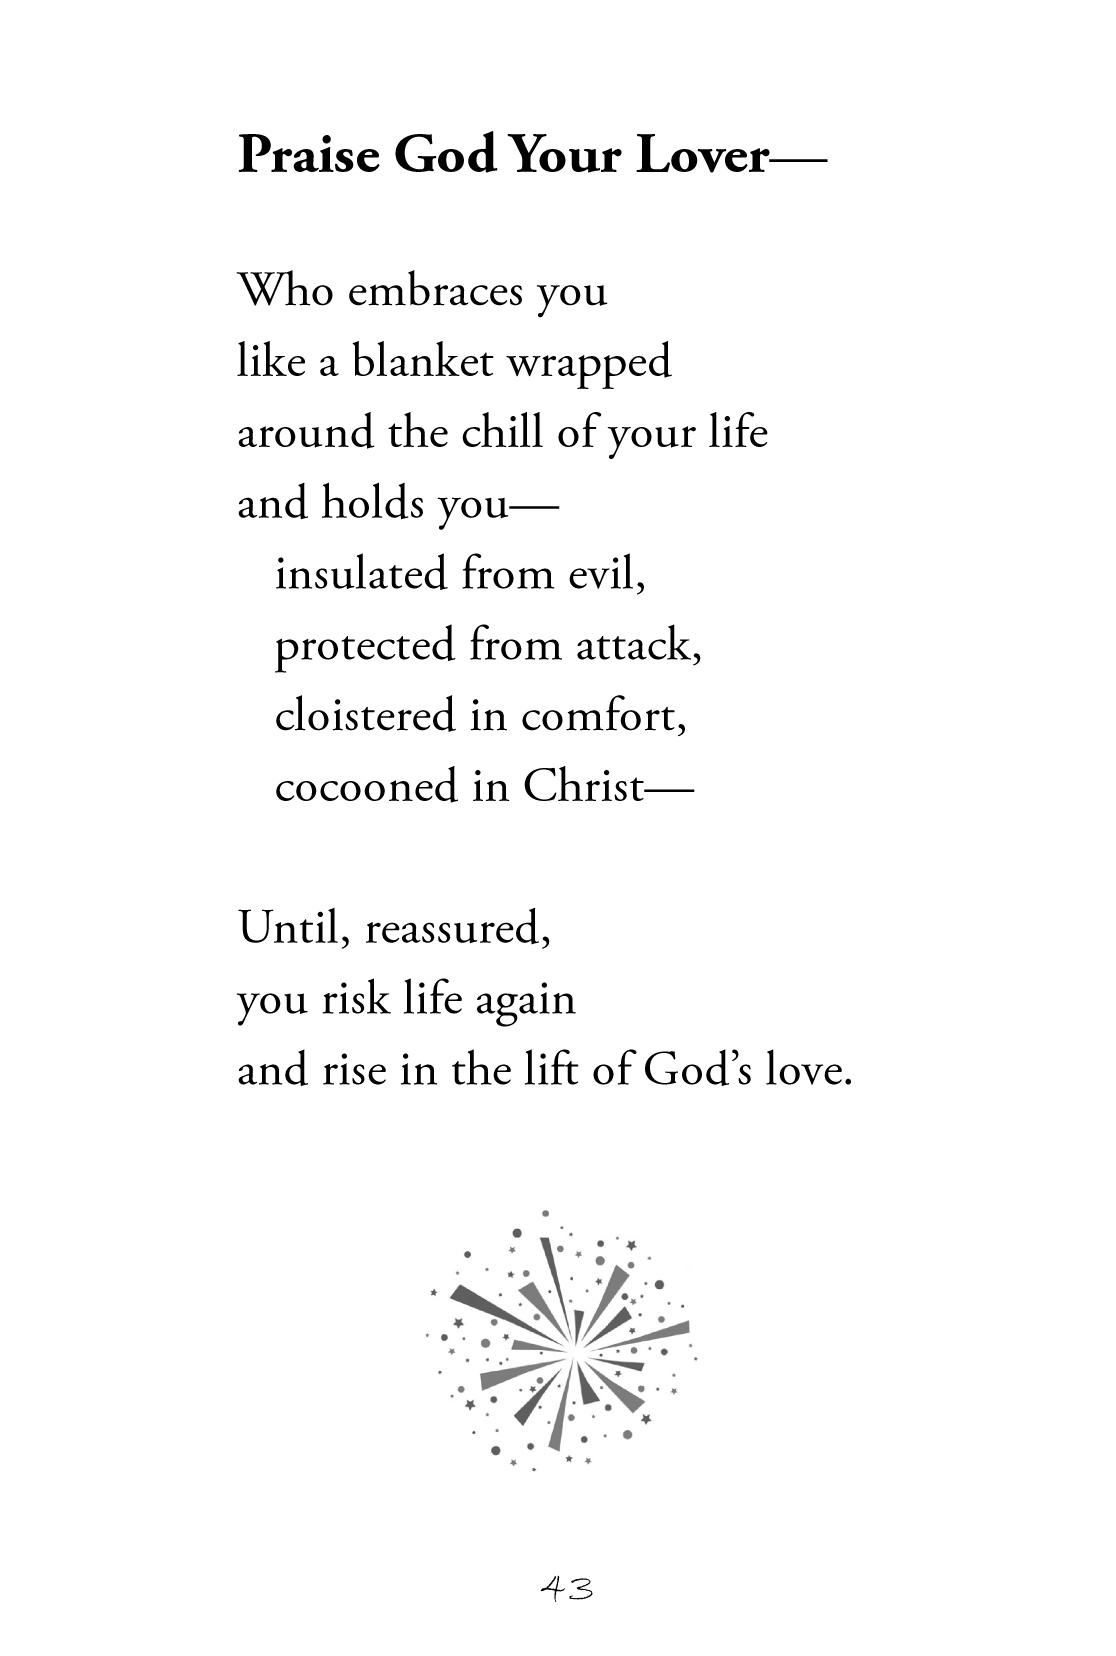 Sample of love poem